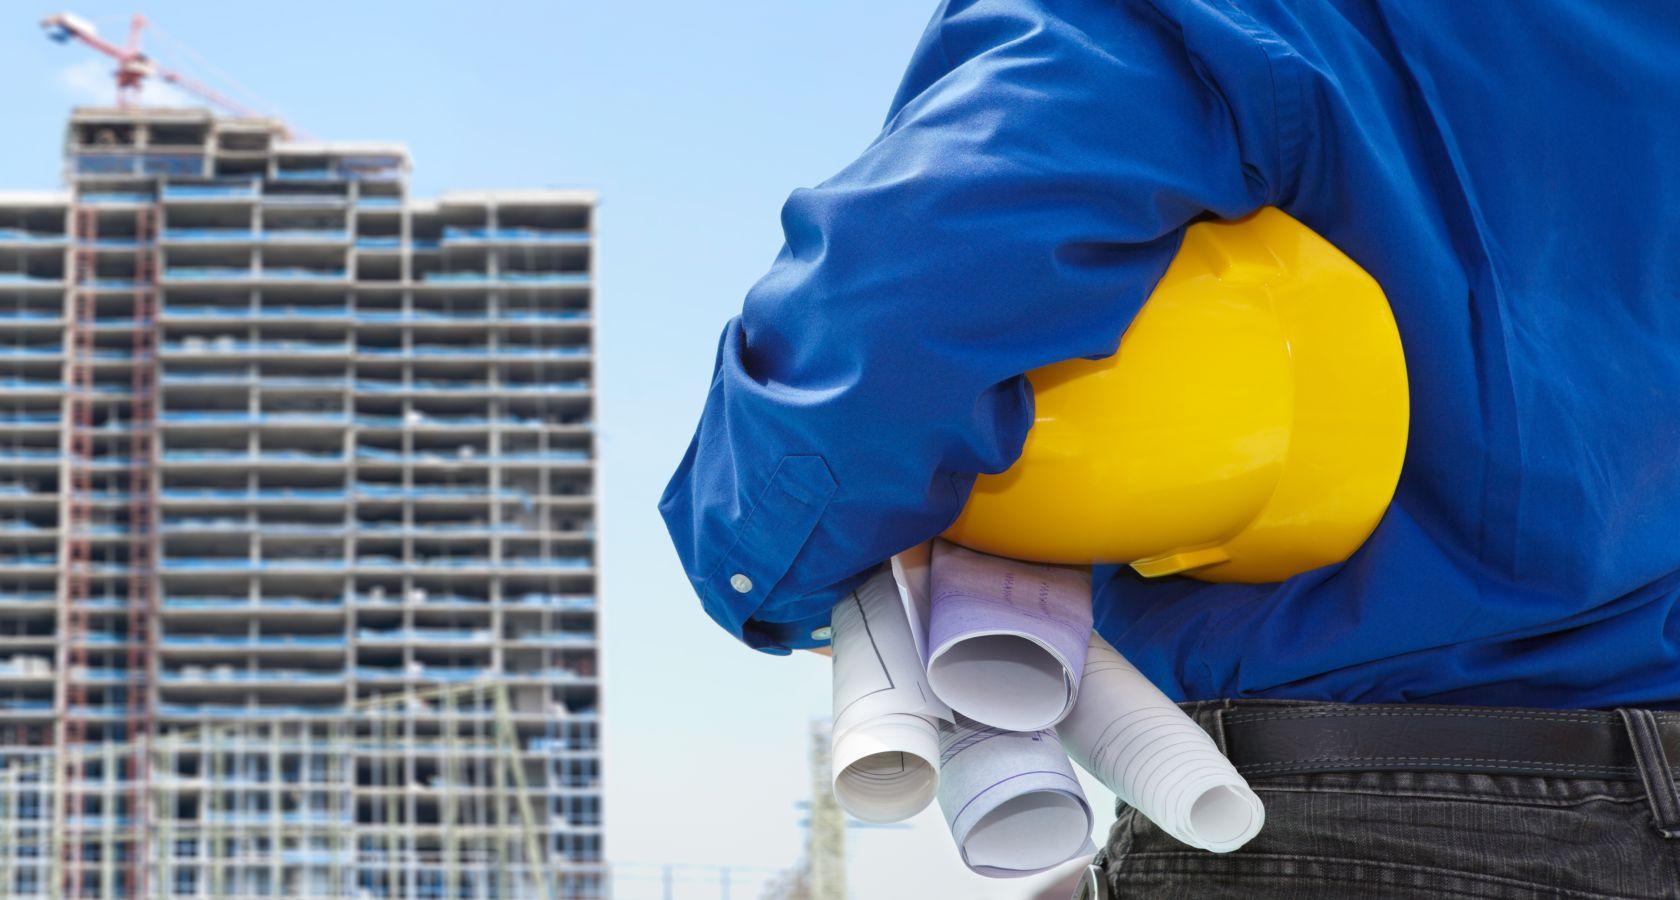 """Обучение в городе Рыбинске, учебный центр """"Ракурс"""" повышение квалификации по безопасности строительства"""